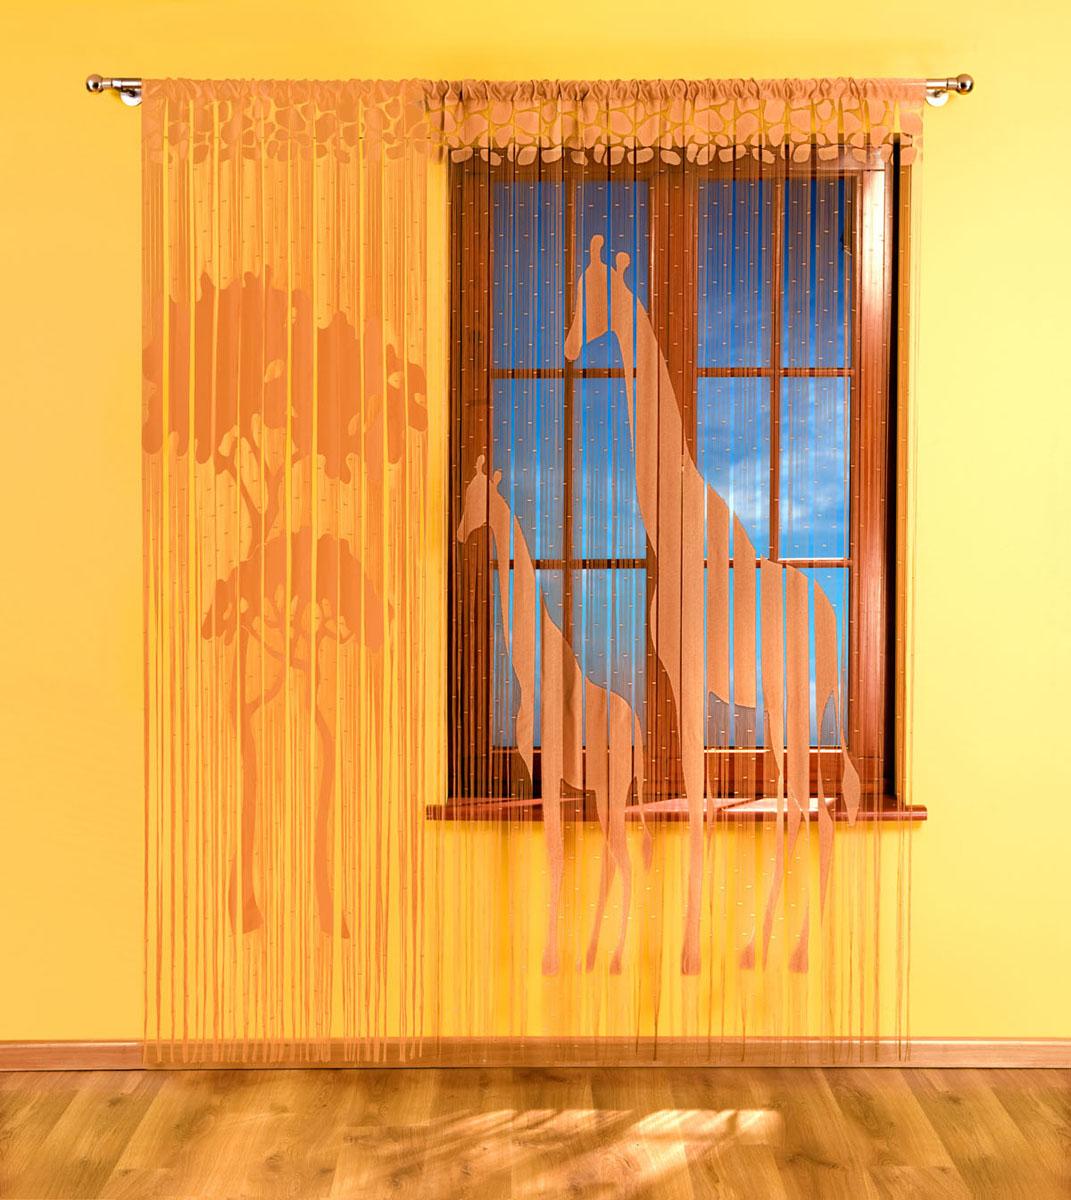 Гардина-лапша Жираф, на кулиске, цвет: кофе, высота 240 см704149Воздушная гардина-лапша Жираф, изготовленная из полиэстера кофейного цвета, станет великолепным украшением любого окна. Тонкое плетение, оригинальный принт, приятная цветовая гамма привлекут к себе внимание и органично впишется в интерьер комнаты. Верхняя часть гардины оснащена кулиской для крепления на круглый карниз. Характеристики:Материал: 100% полиэстер. Цвет: кофе. Высота кулиски: 5,5 см. Размер упаковки:25 см х 36 см х 3 см. Артикул: 734870.В комплект входит: Гардина-лапша - 1 шт. Размер (ШхВ): 150 см х 240 см. Гардина-лапша - 1 шт. Размер (ШхВ): 90 см х 240 см. Фирма Wisan на польском рынке существует уже более пятидесяти лет и является одной из лучших польских фабрик по производству штор и тканей. Ассортимент фирмы представлен готовыми комплектами штор для гостиной, детской, кухни, а также текстилем для кухни (скатерти, салфетки, дорожки, кухонные занавески). Модельный ряд отличает оригинальный дизайн, высокое качество. Ассортимент продукции постоянно пополняется.УВАЖАЕМЫЕ КЛИЕНТЫ!Обращаем ваше внимание на цвет изделия. Цветовой вариант гардины, данной в интерьере, служит для визуального восприятия товара. Цветовая гамма данной гардины представлена на отдельном изображении фрагментом ткани.